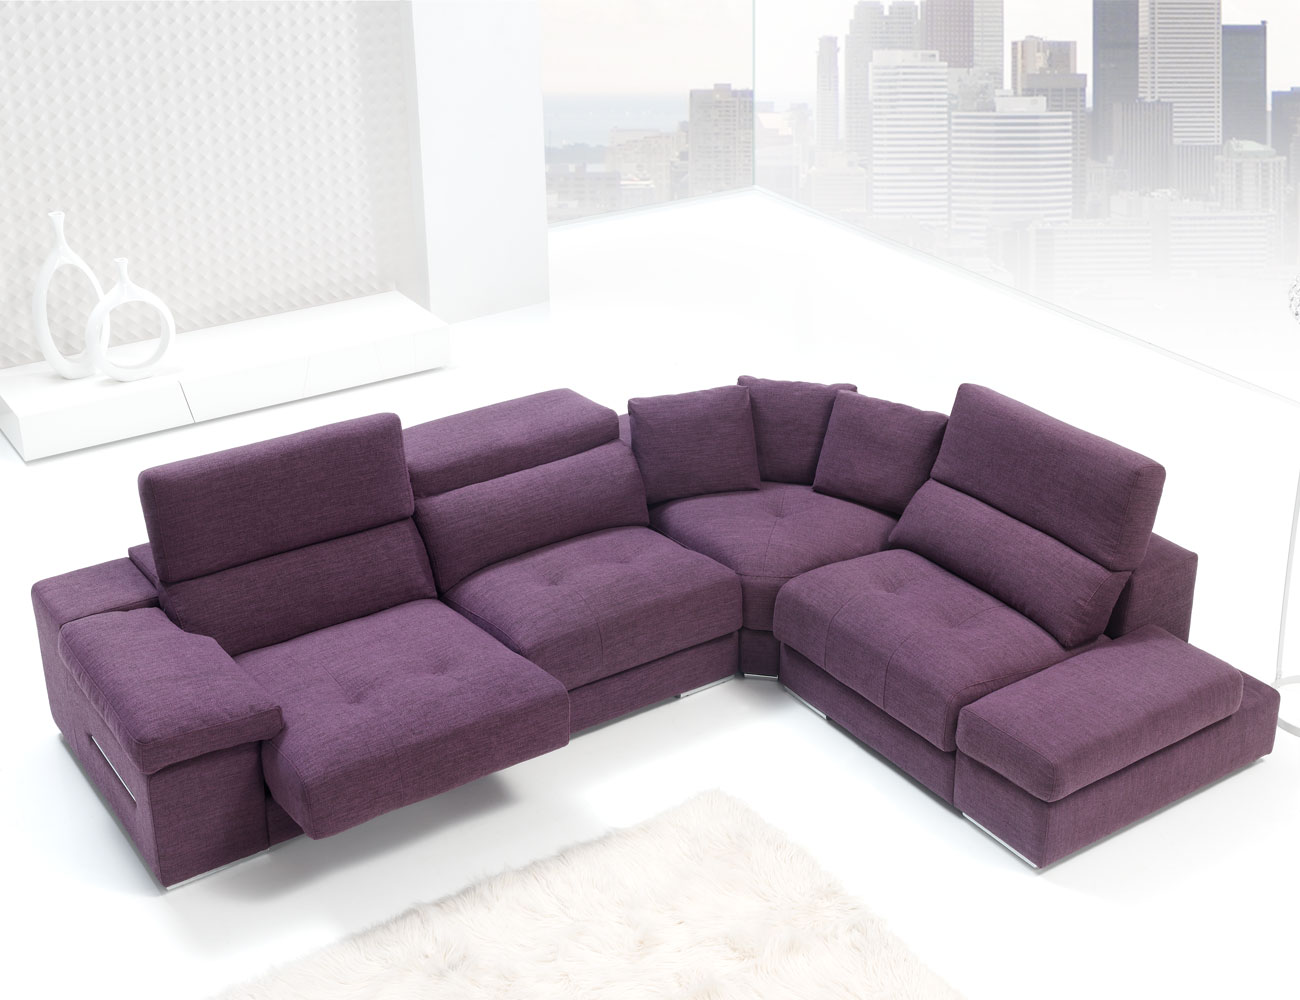 Sofa chaiselongue rincon con brazo mecanico tejido anti manchas 233